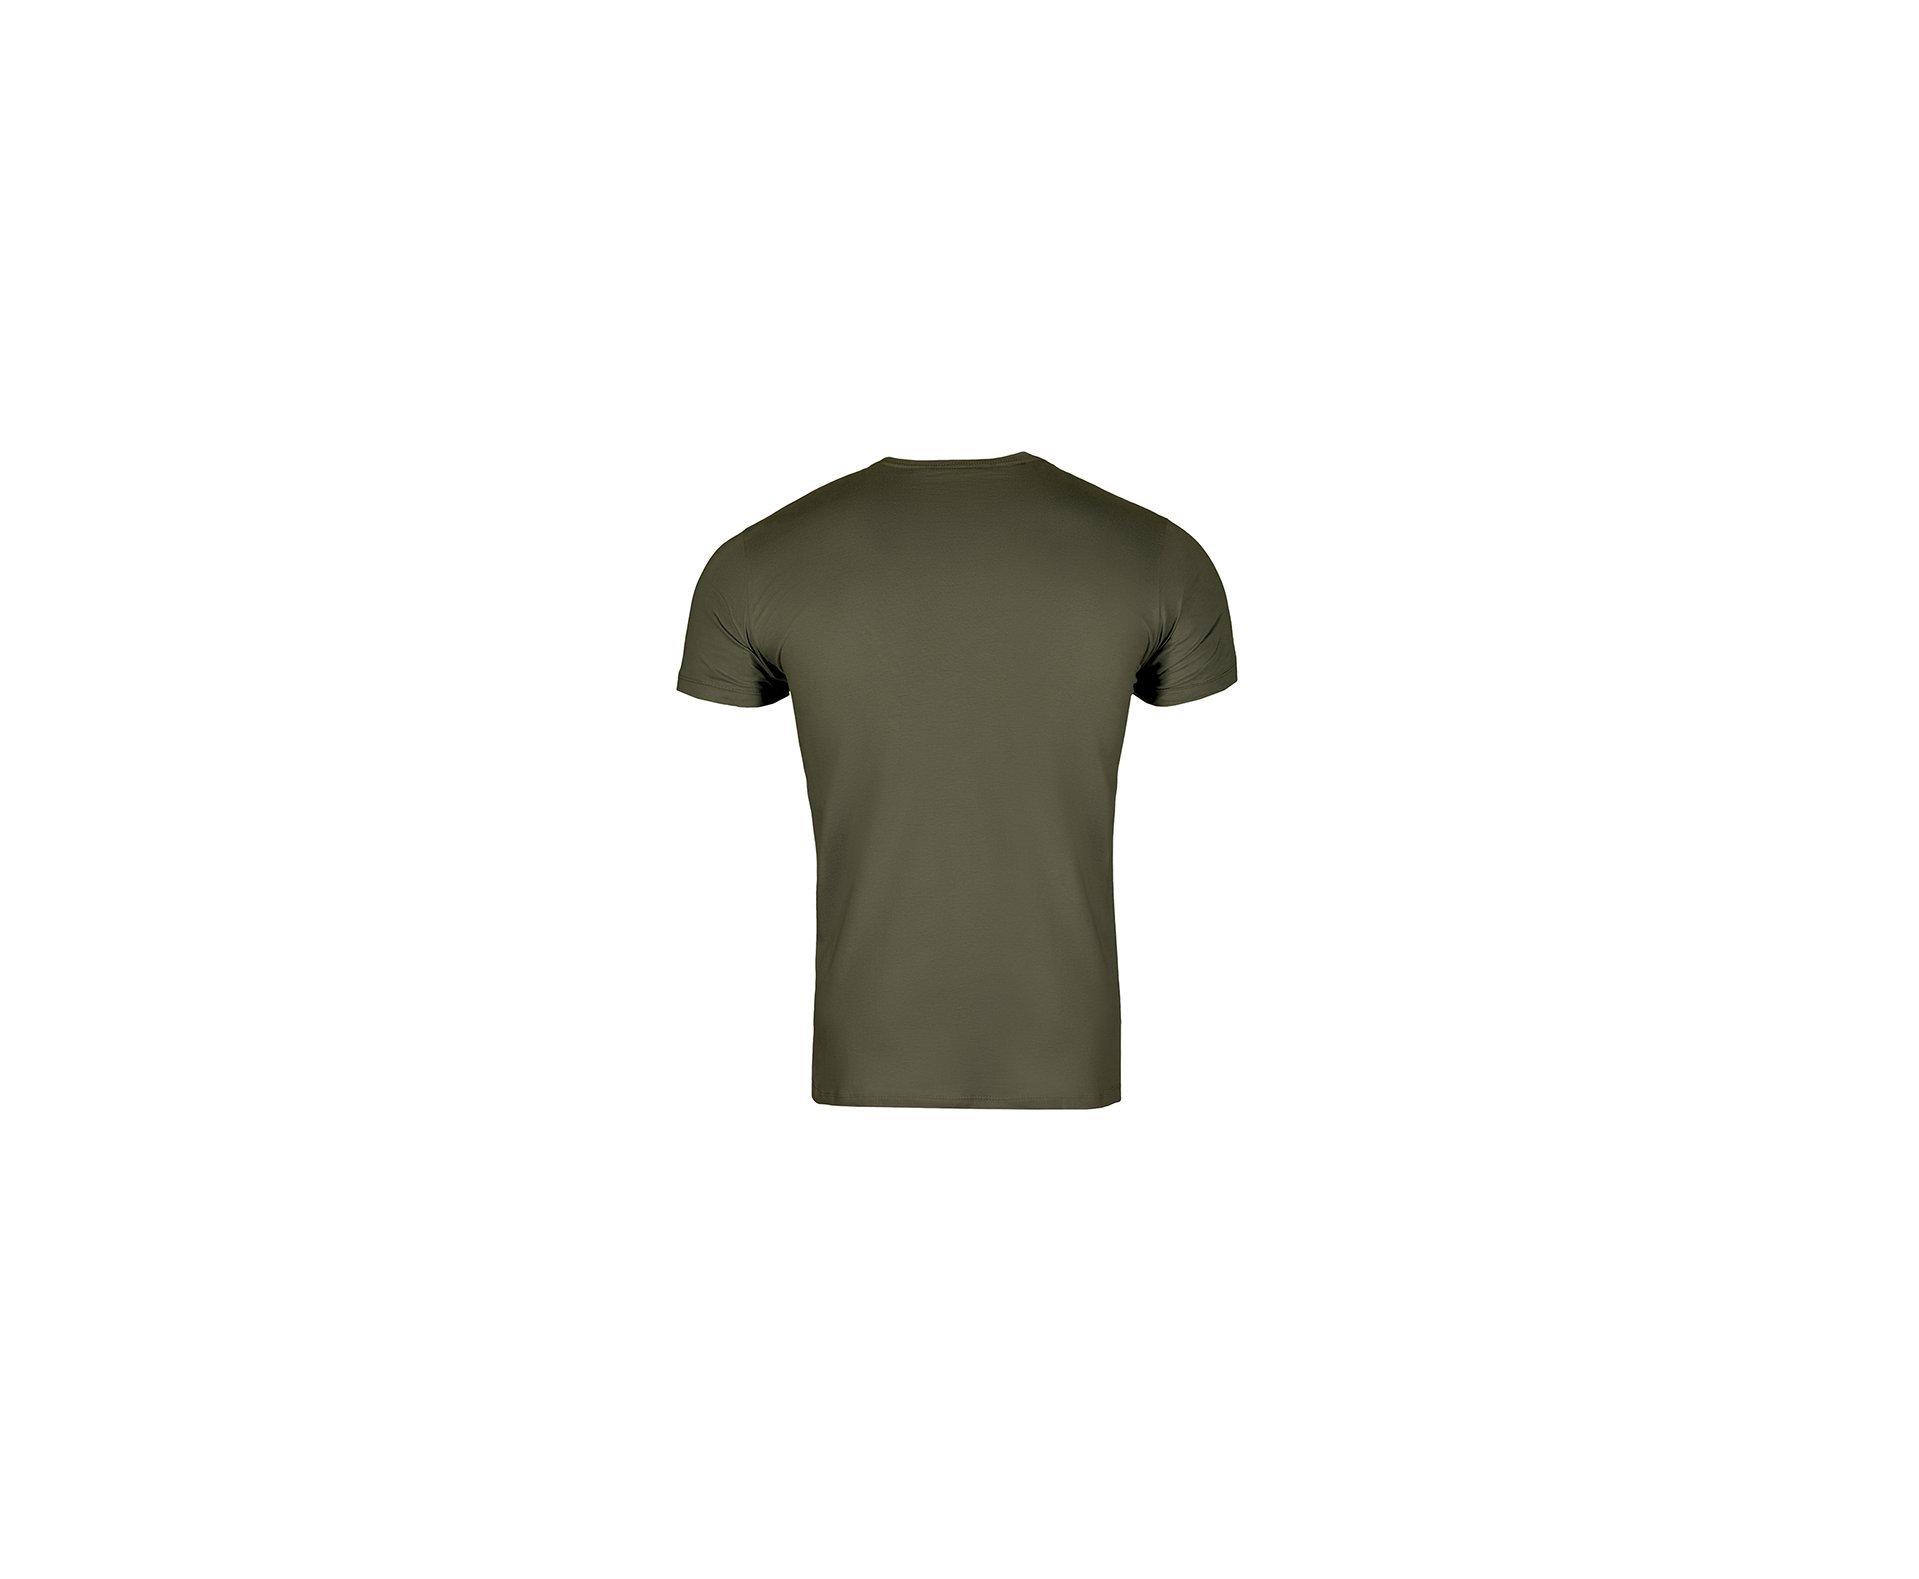 Camiseta T-shirt Invictus Concept Troop - P